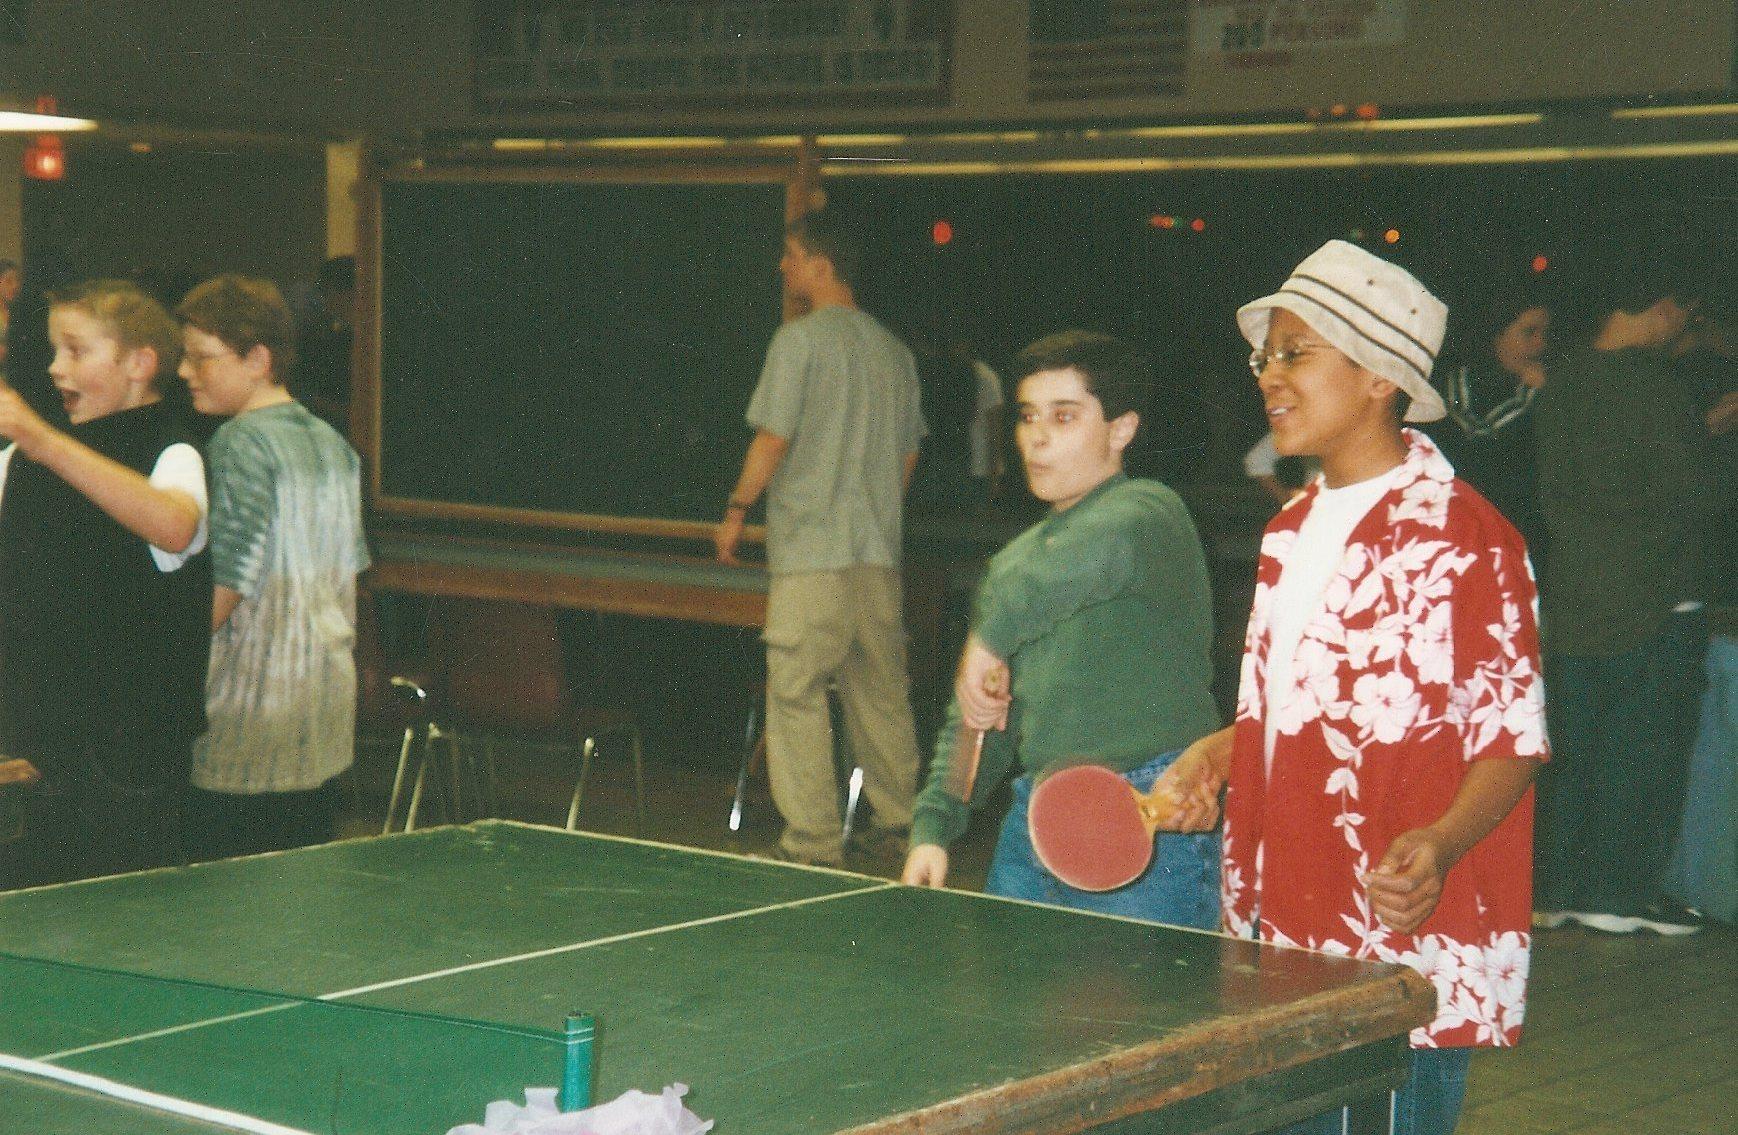 Two kids playing ping pong.